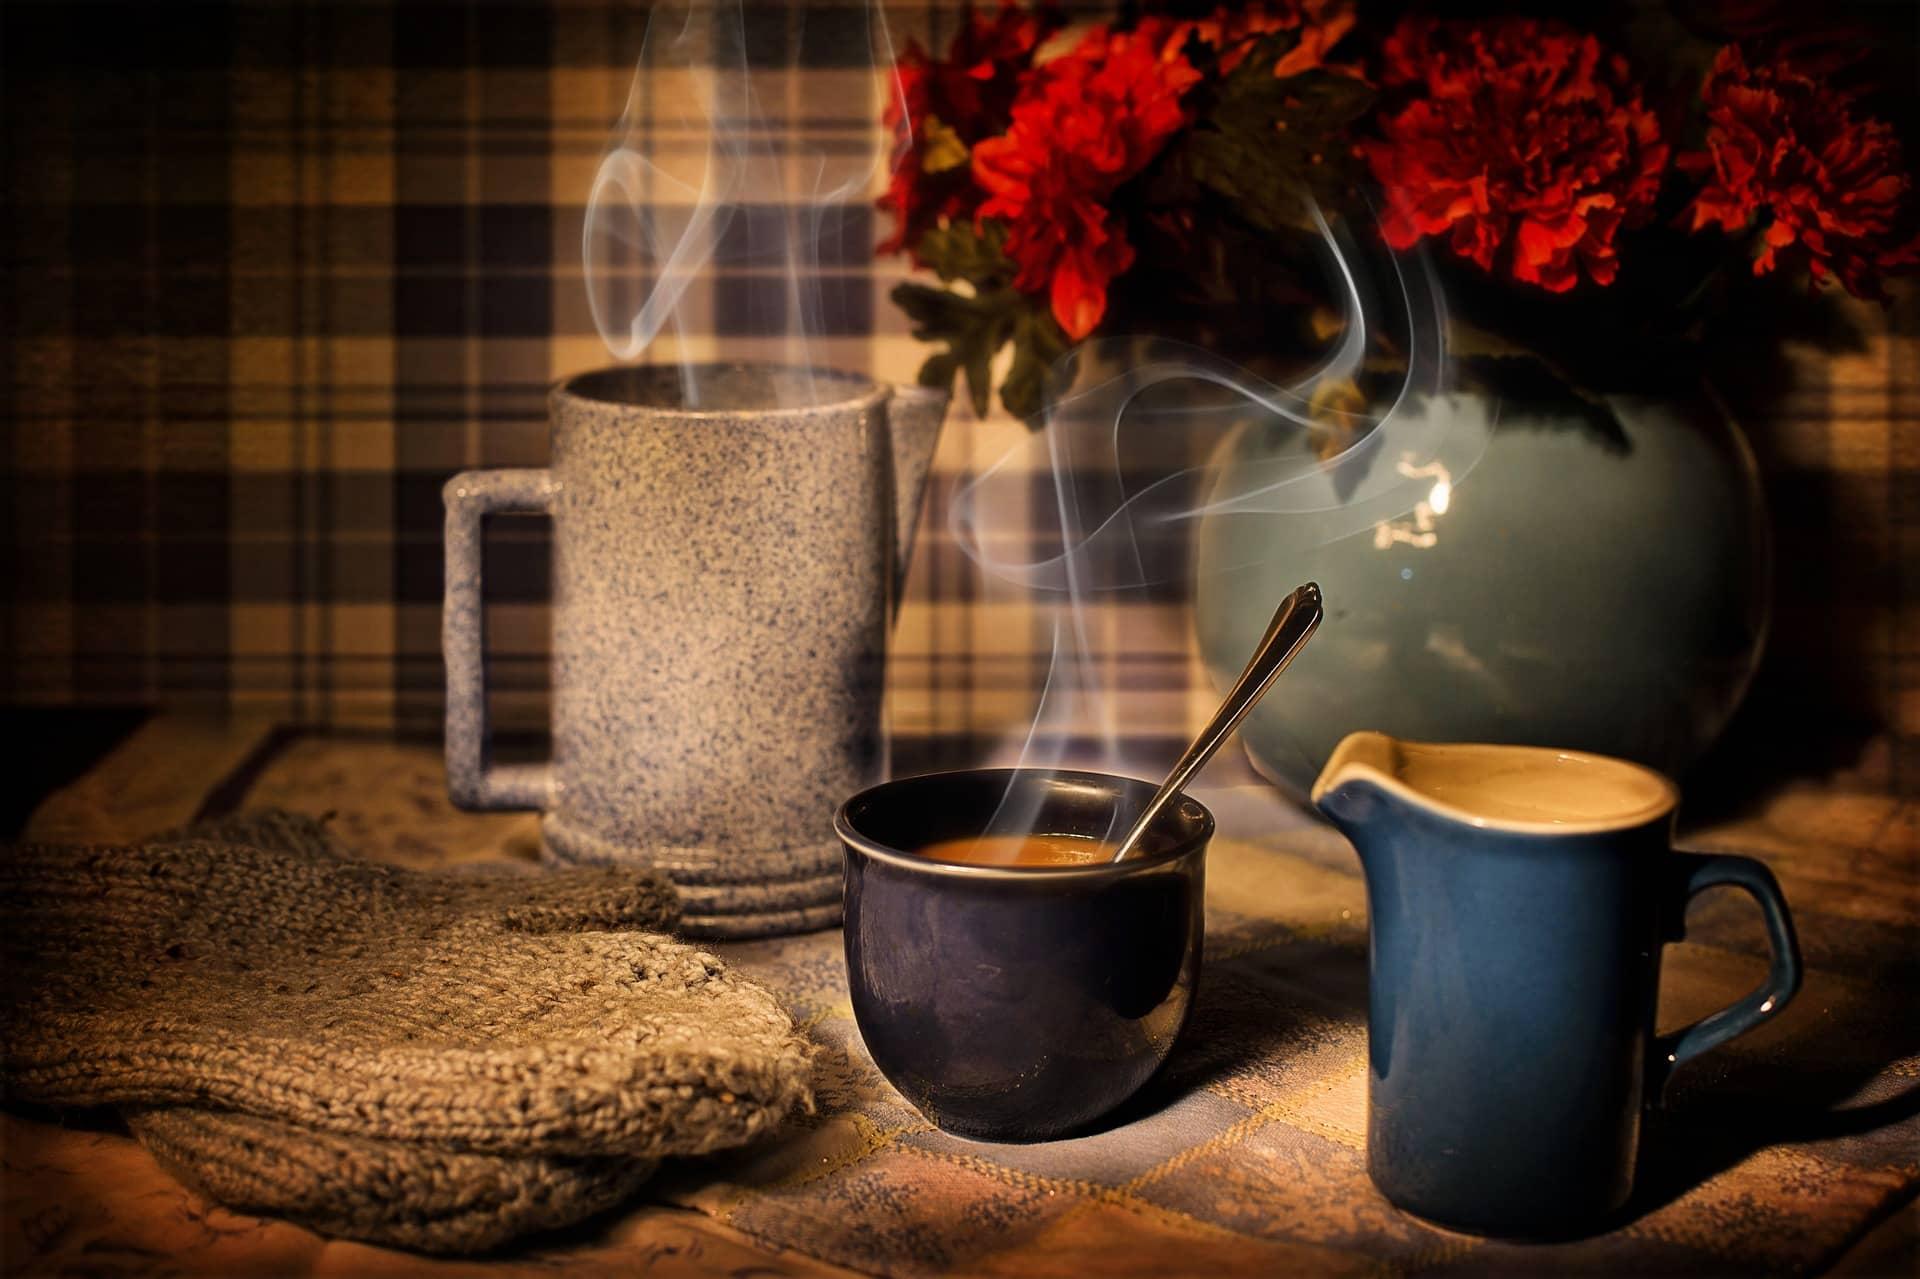 Czym się różni kawa z ekspresu od zwykłej parzonej